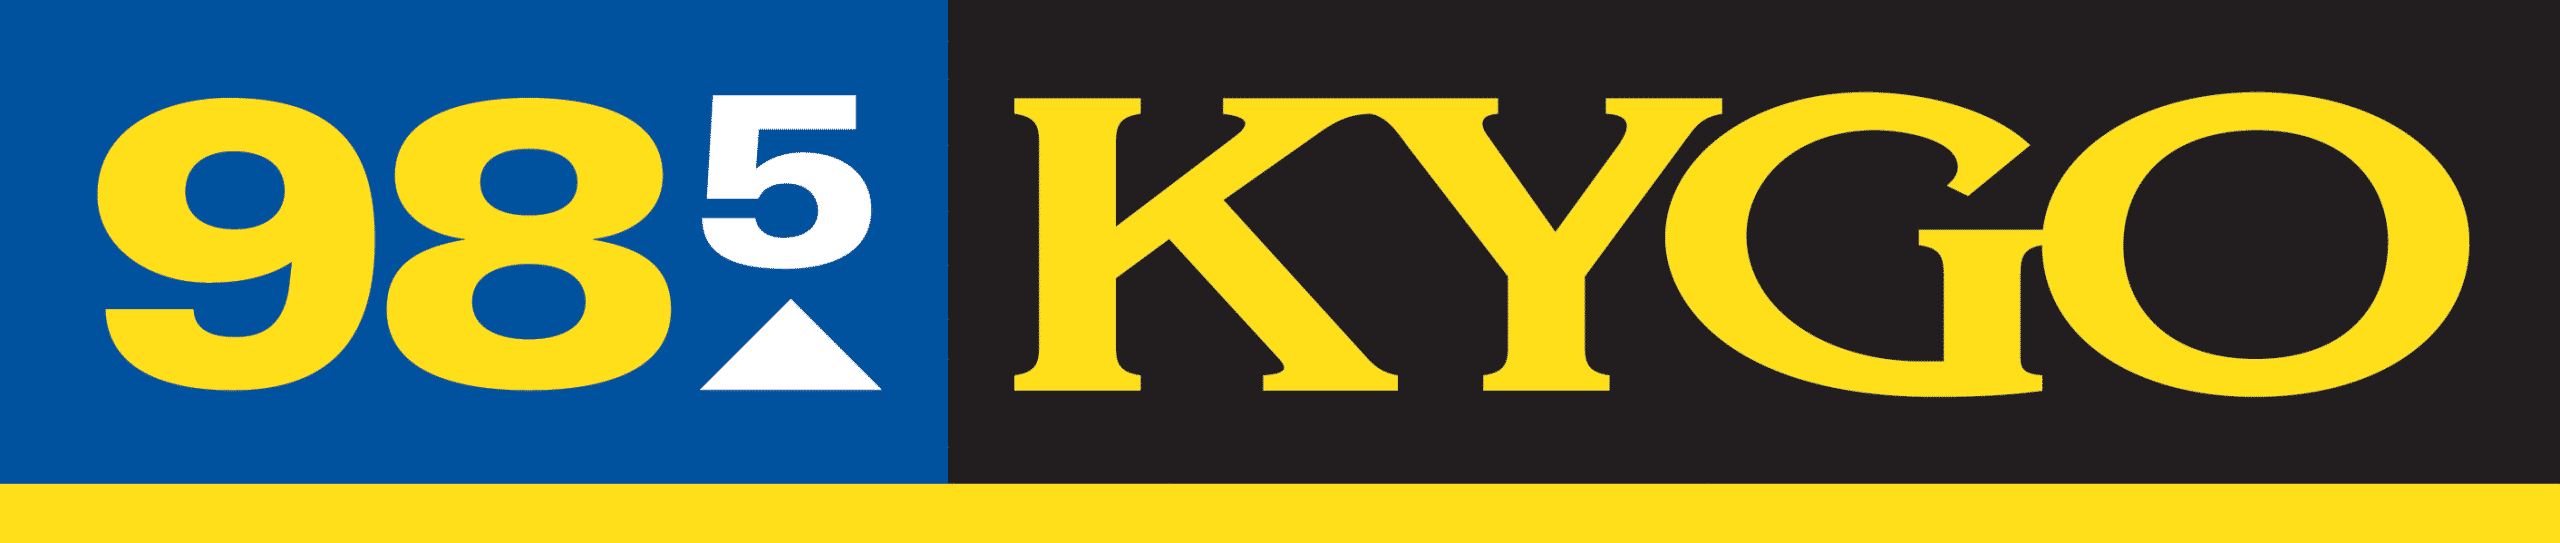 KYGO color